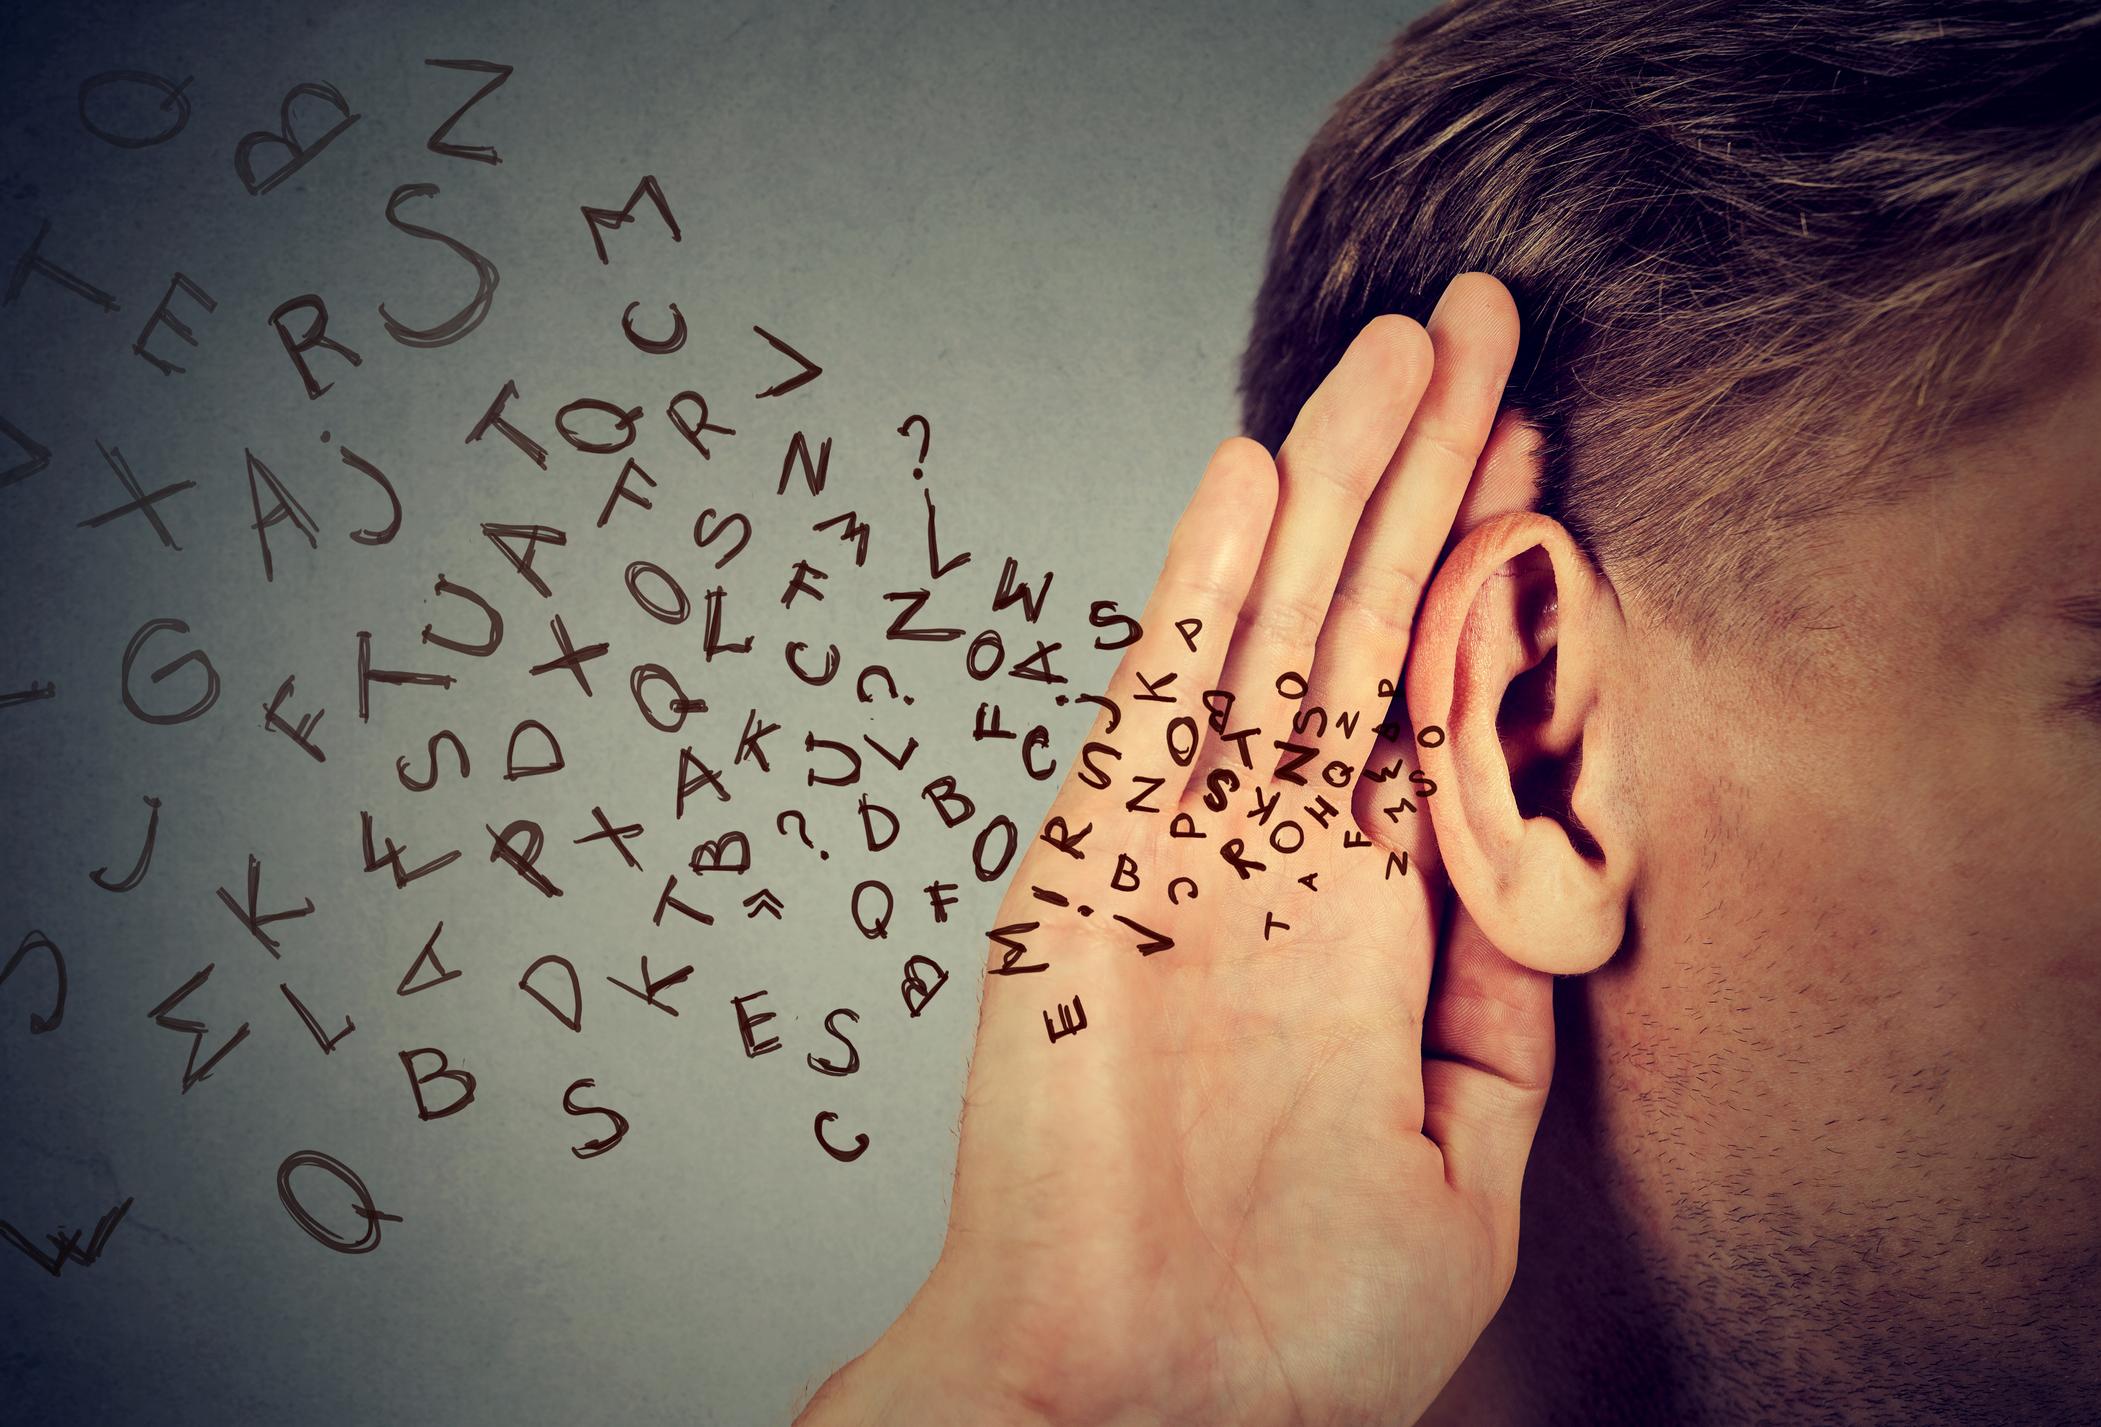 دو گوش دارید و یک دهن و دو چشم، پس دوبرابر گوش بدید و دو برابر ببینید اما یک برابر حرف بزنید